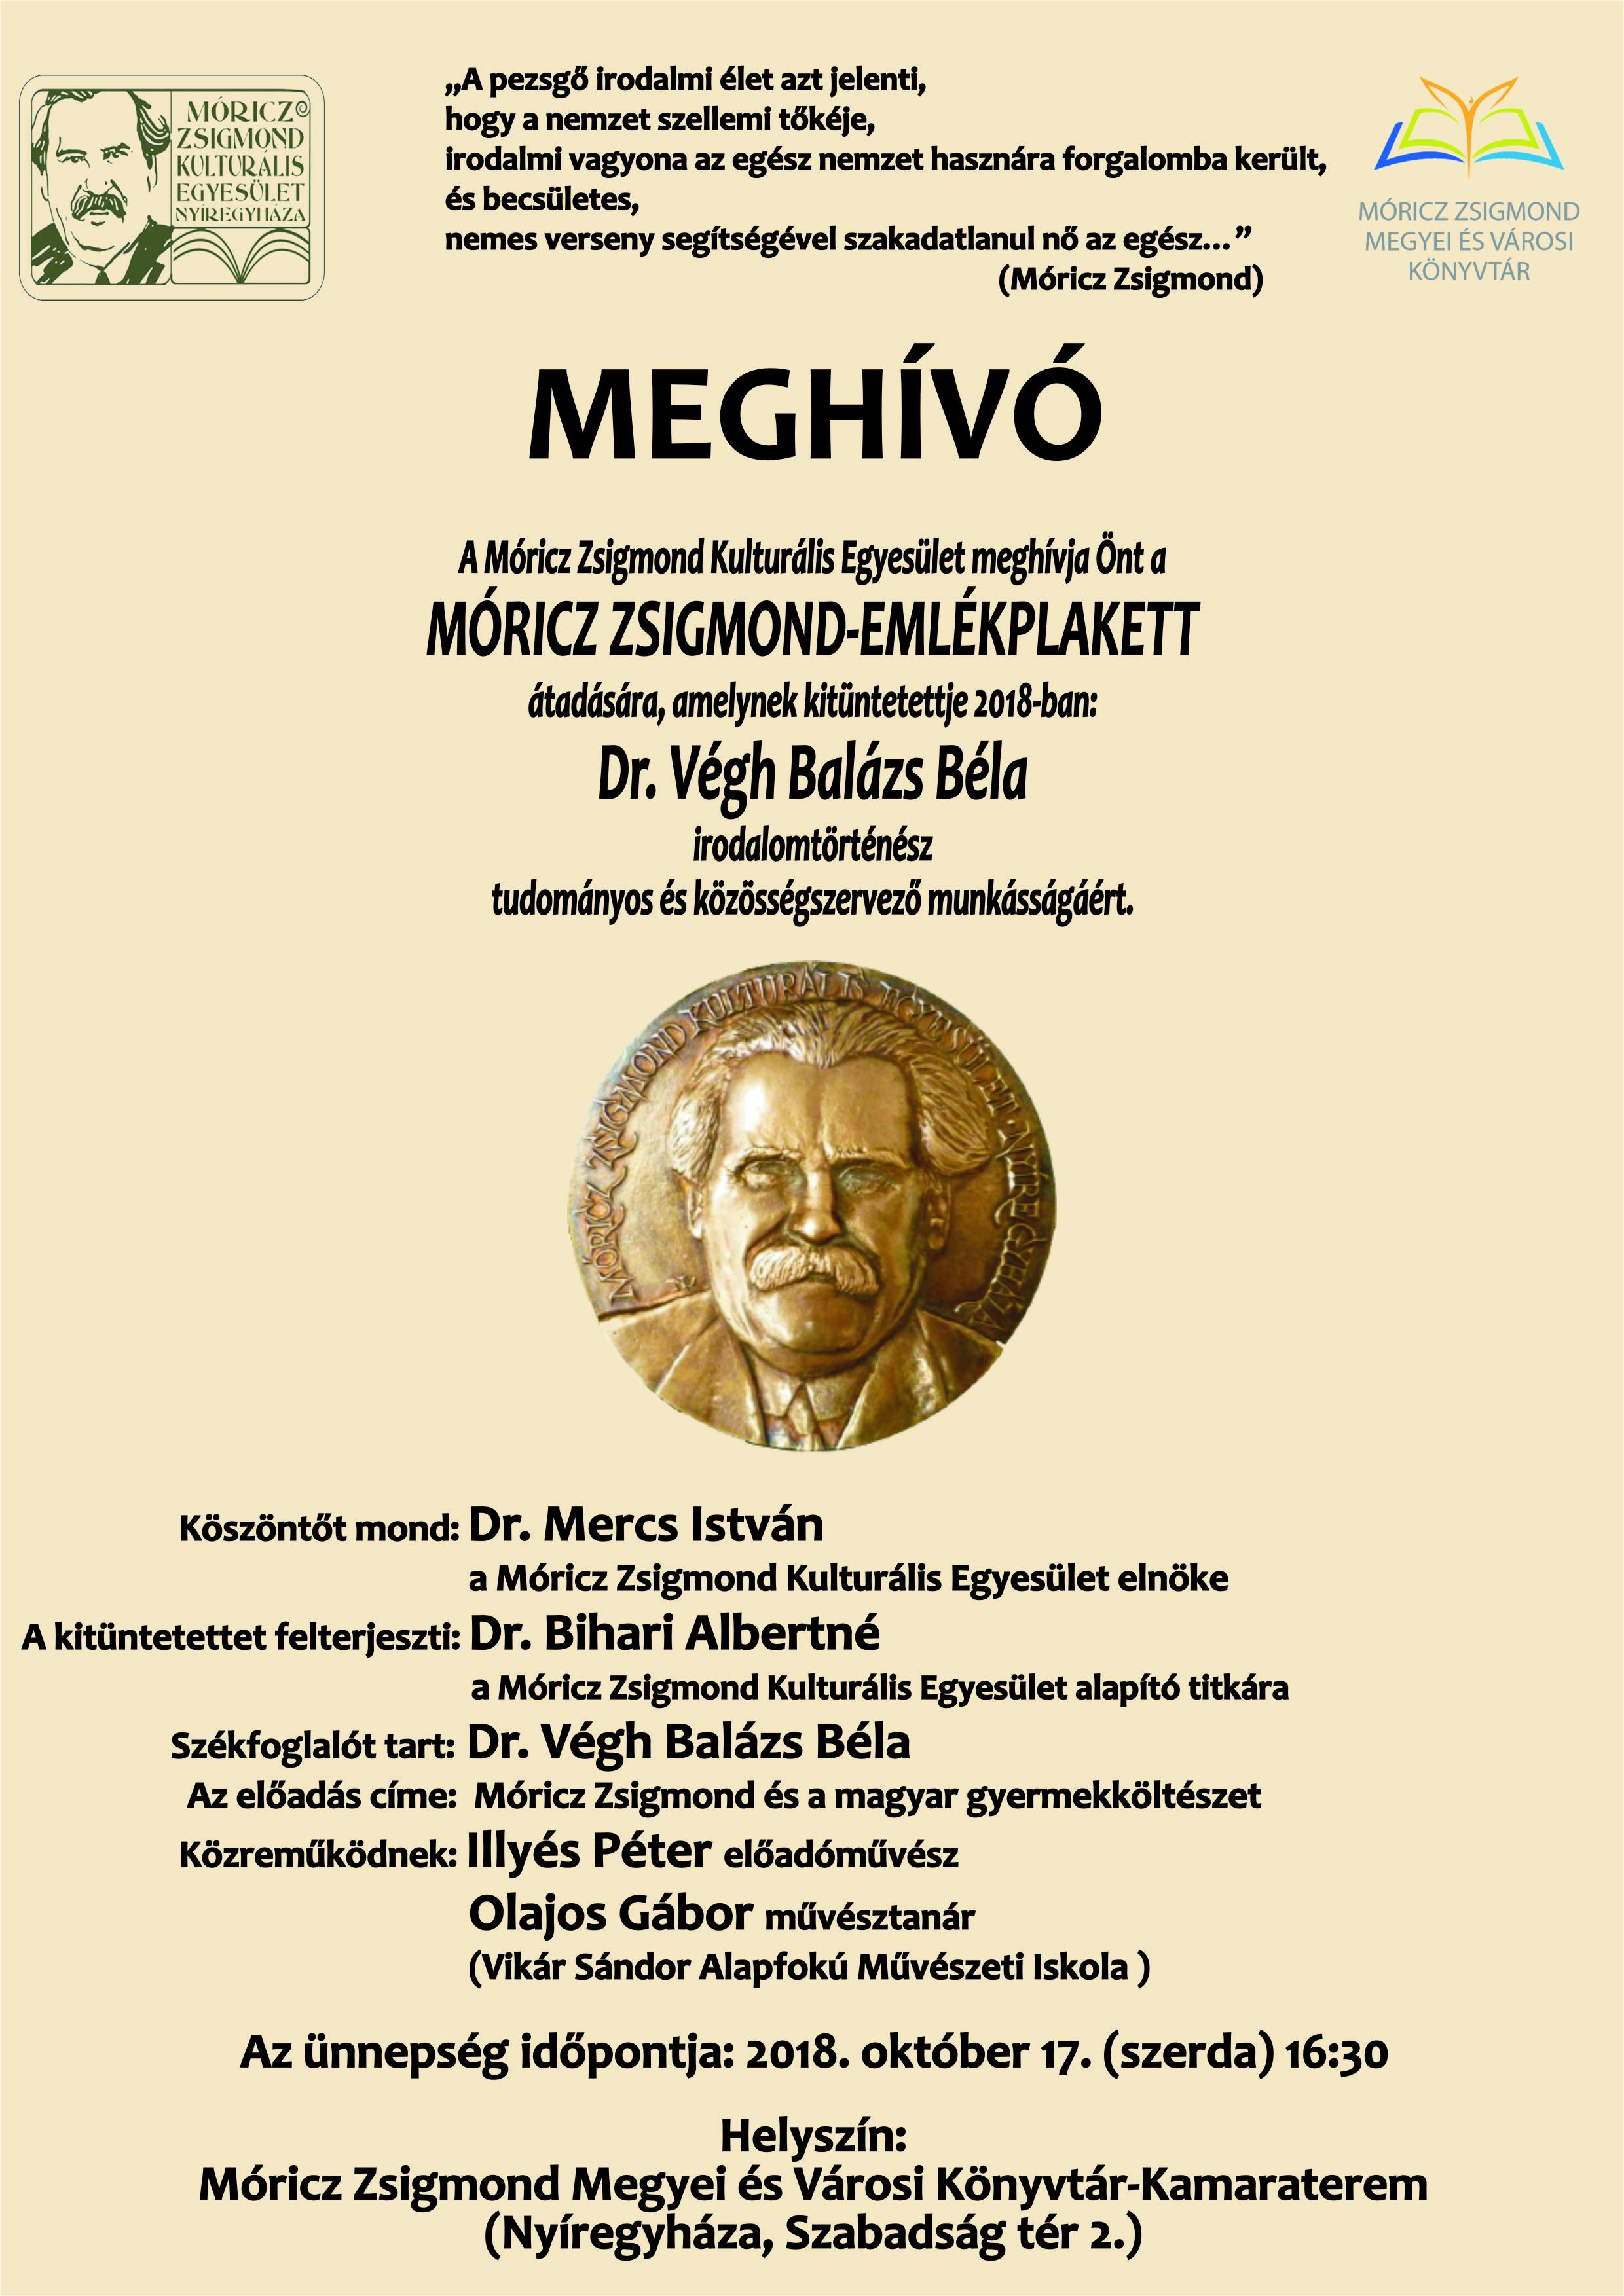 2016 10 17 MZSKE Móricz Zsigmond díj3.